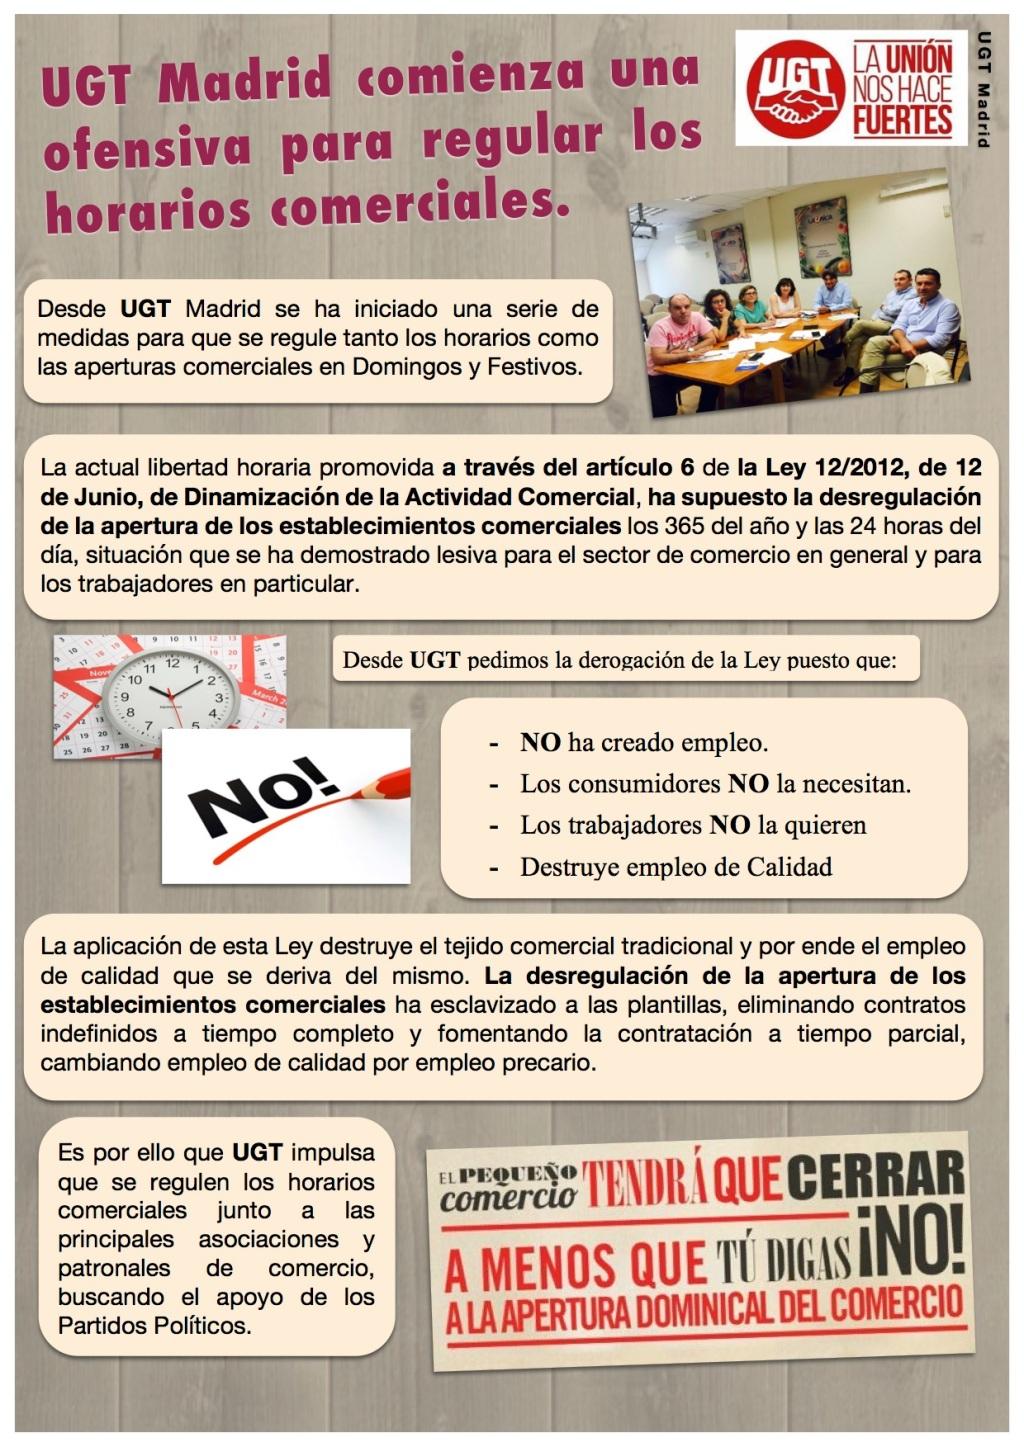 UGT Madrid comienza una ofensiva para regular los horarios comerciales.